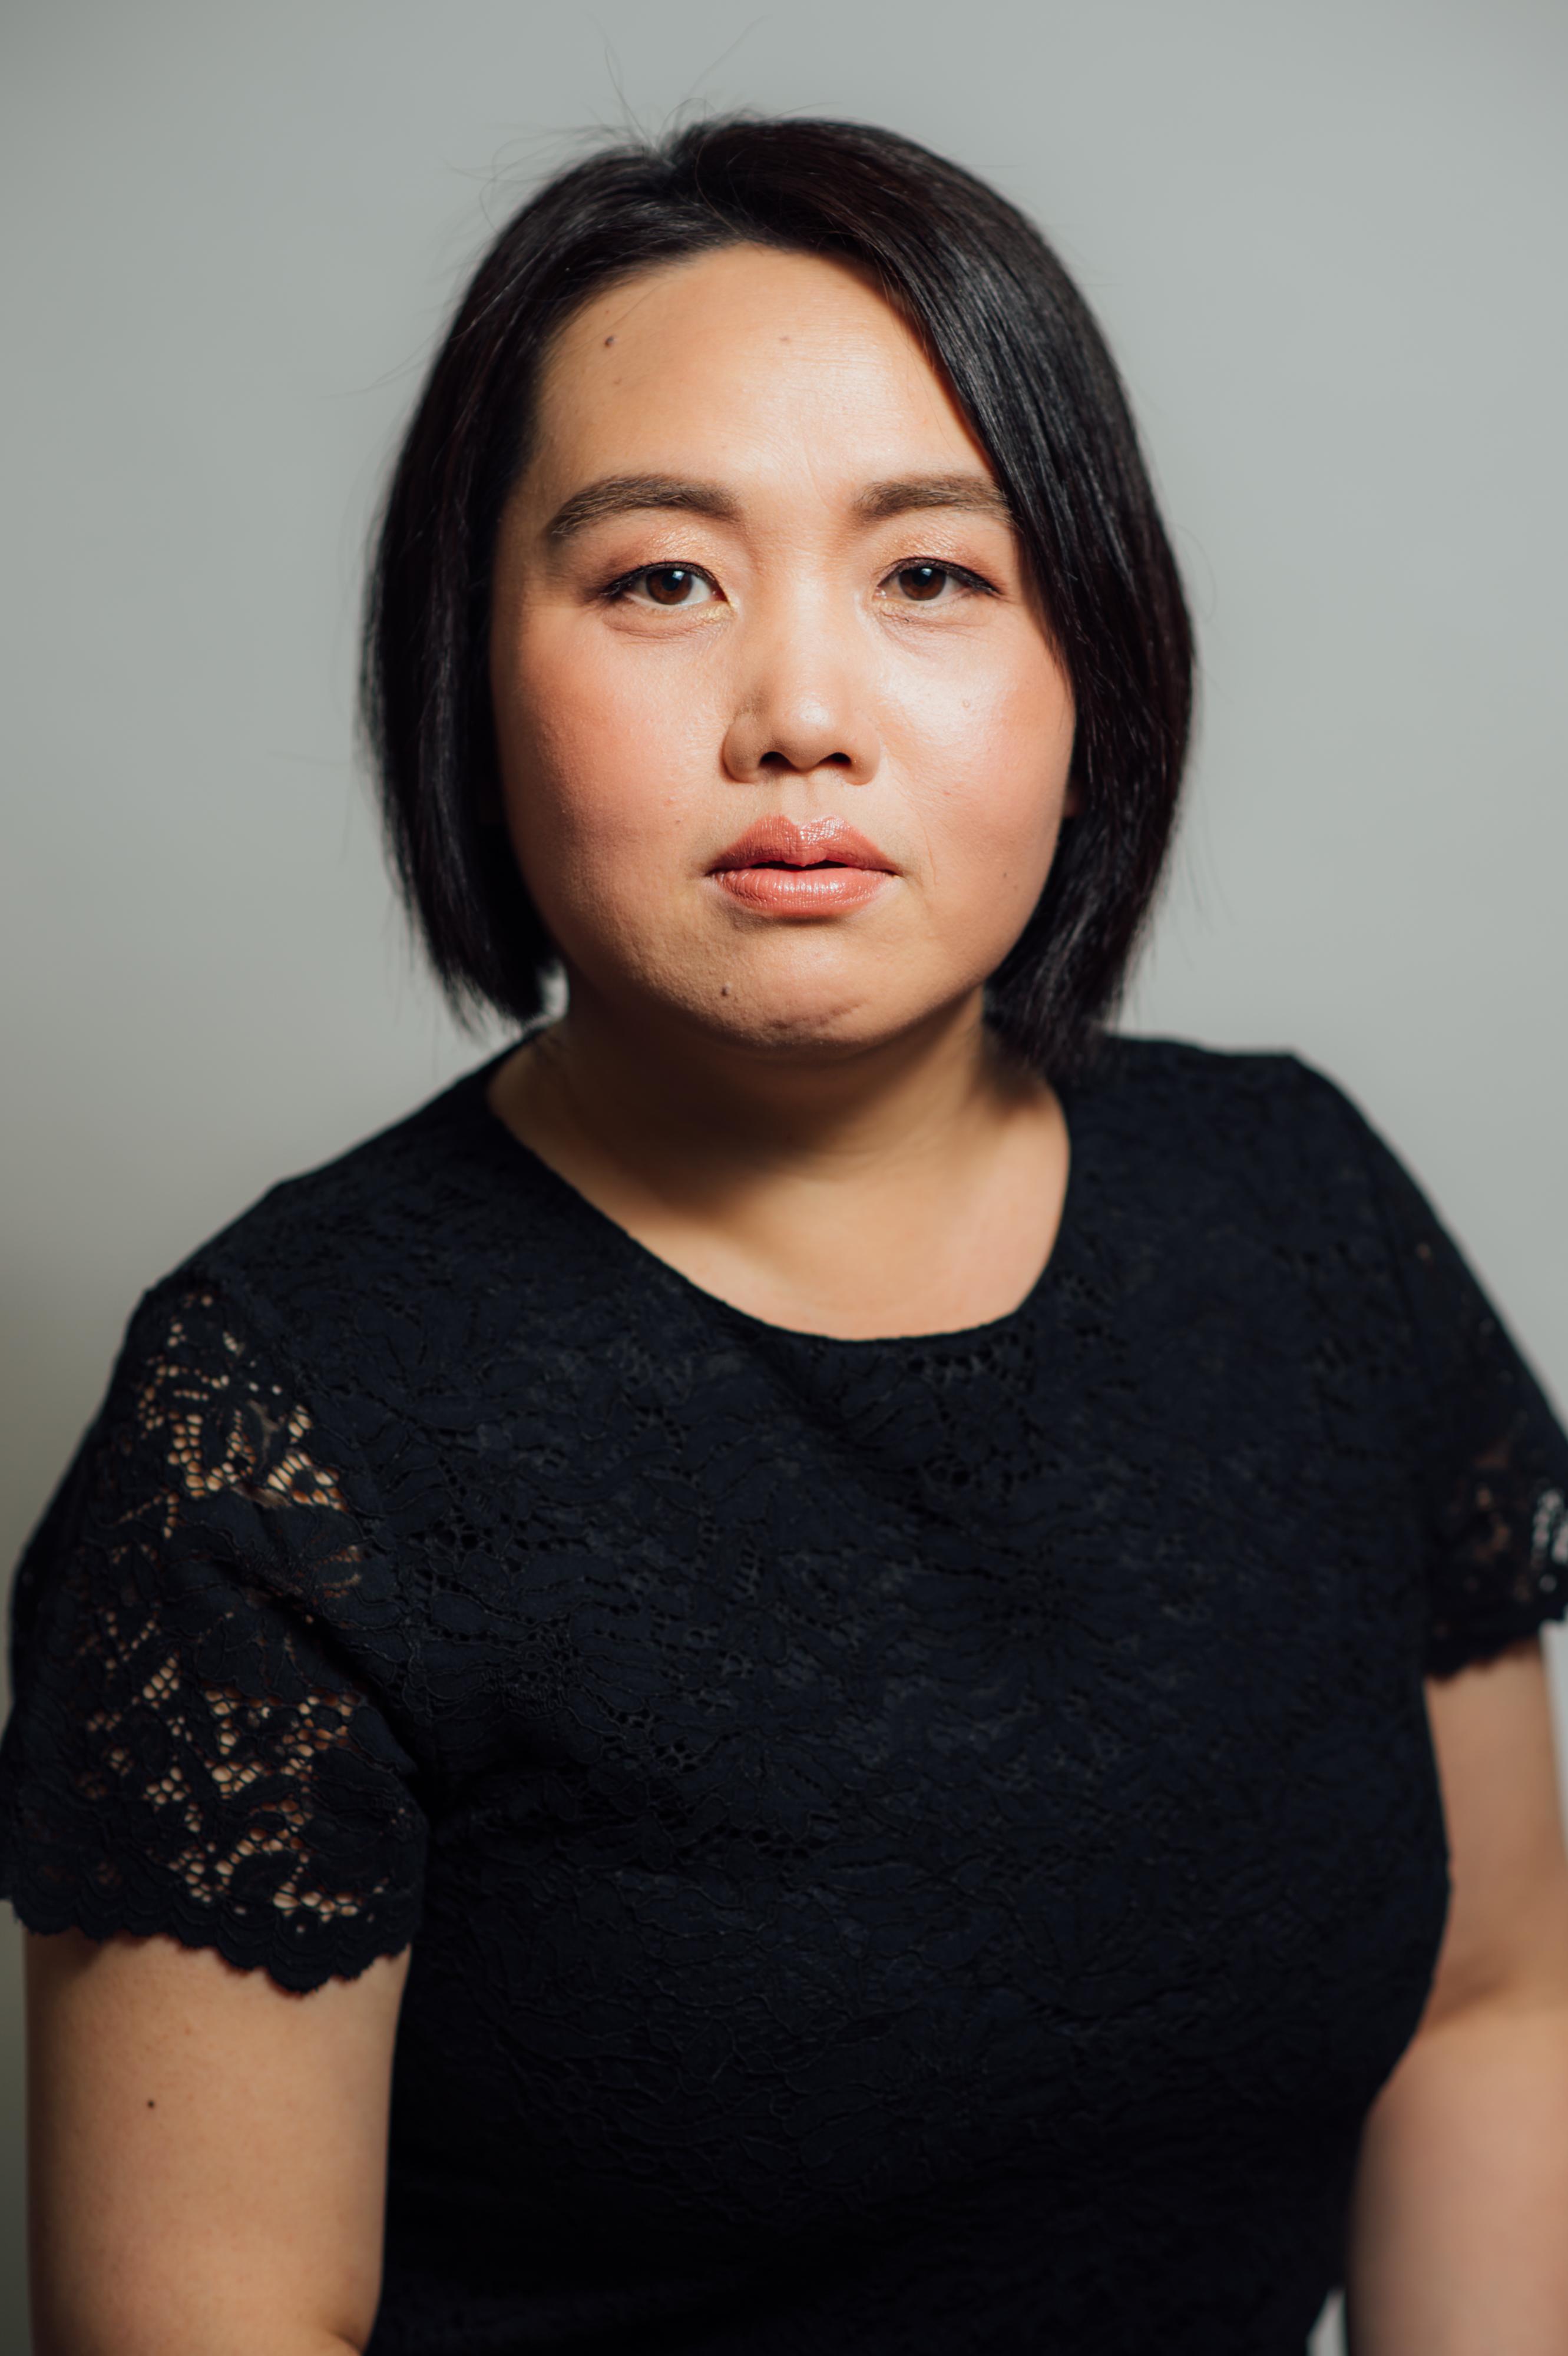 さいだ さだこ Sadako Saida - Actor